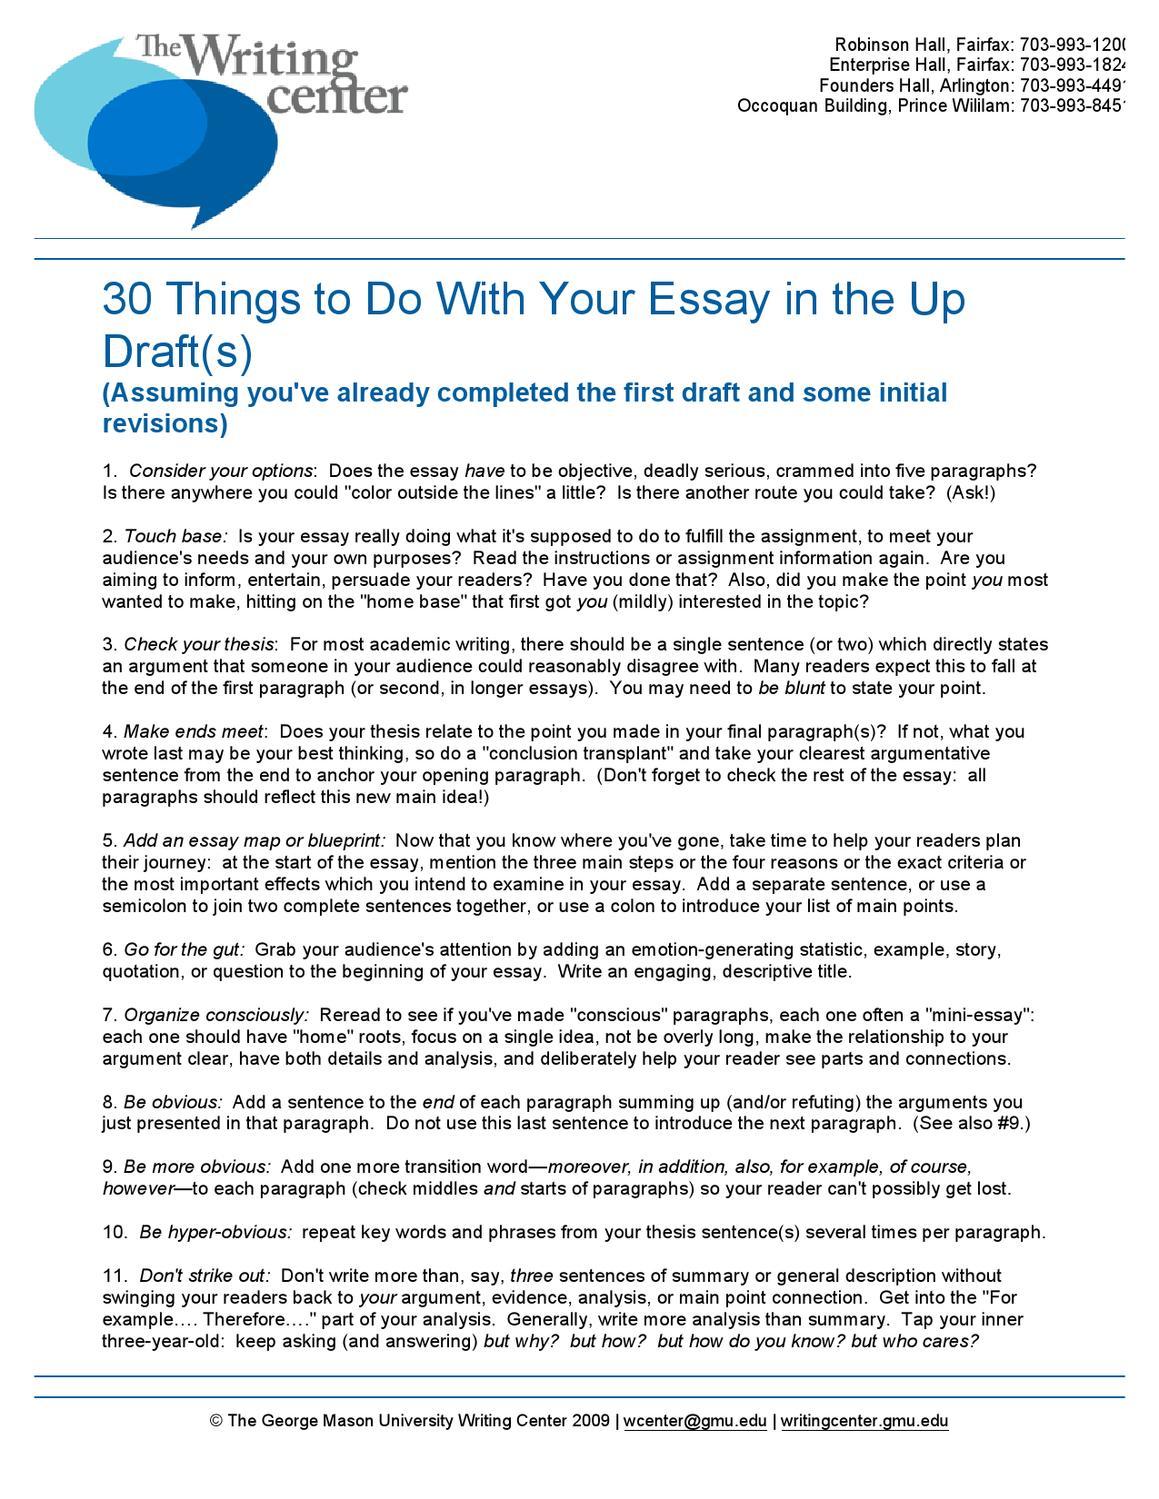 Buy 8 page essay